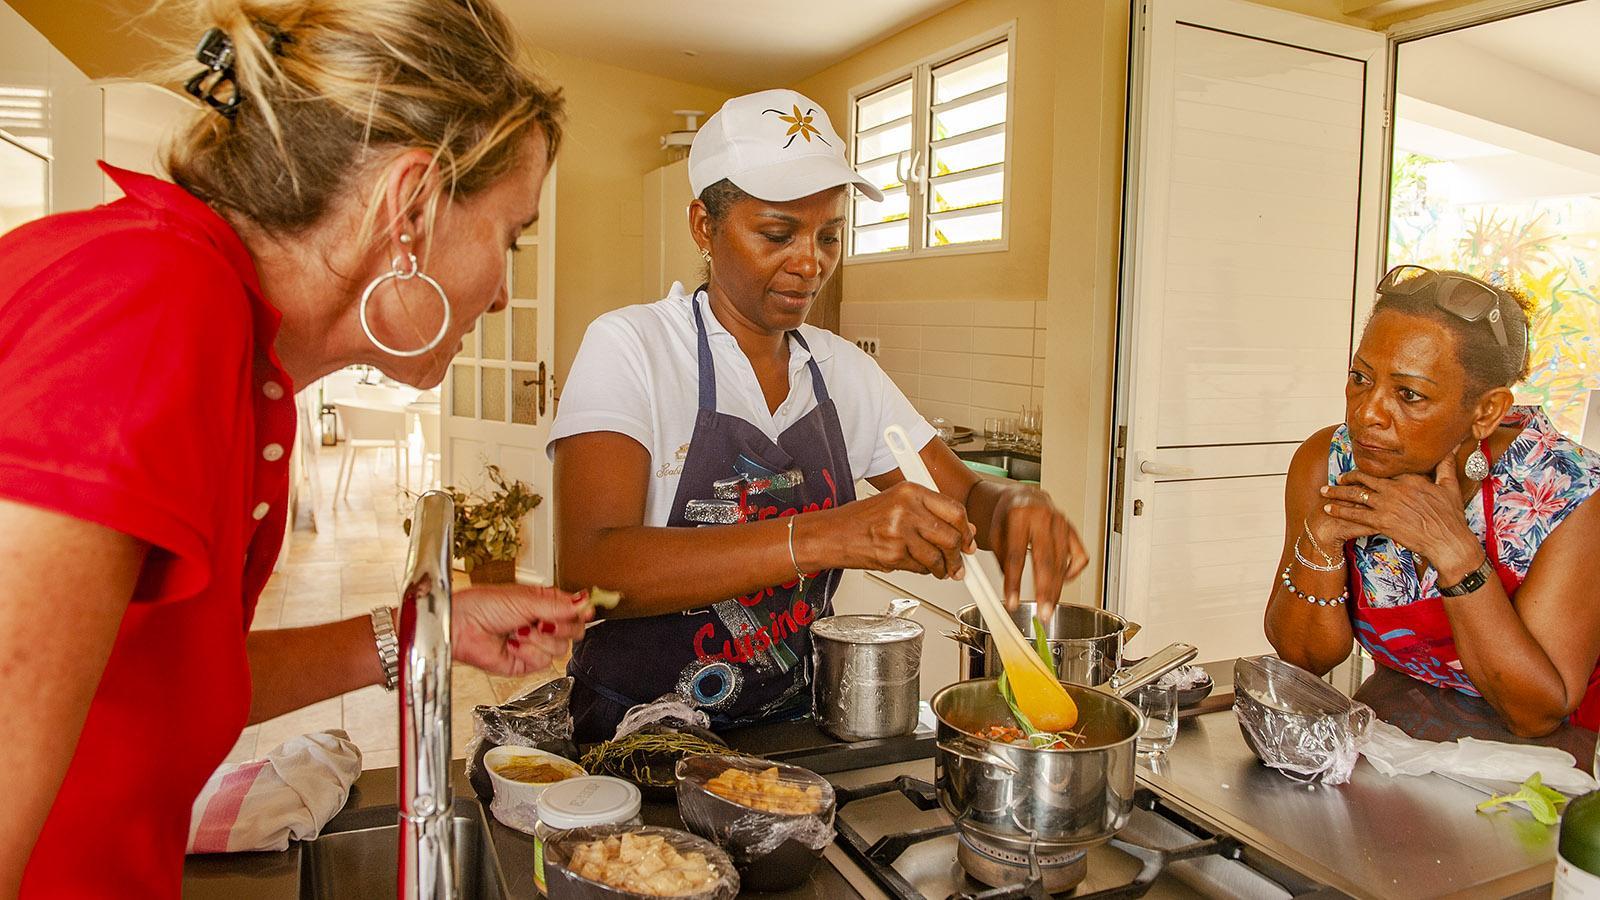 In kleinen Gruppen zeigt Claire-Marie Dubois, wie auf ihrer Heimatinsel Martinique authentisch gekocht wird. Foto: Hilke Maunder